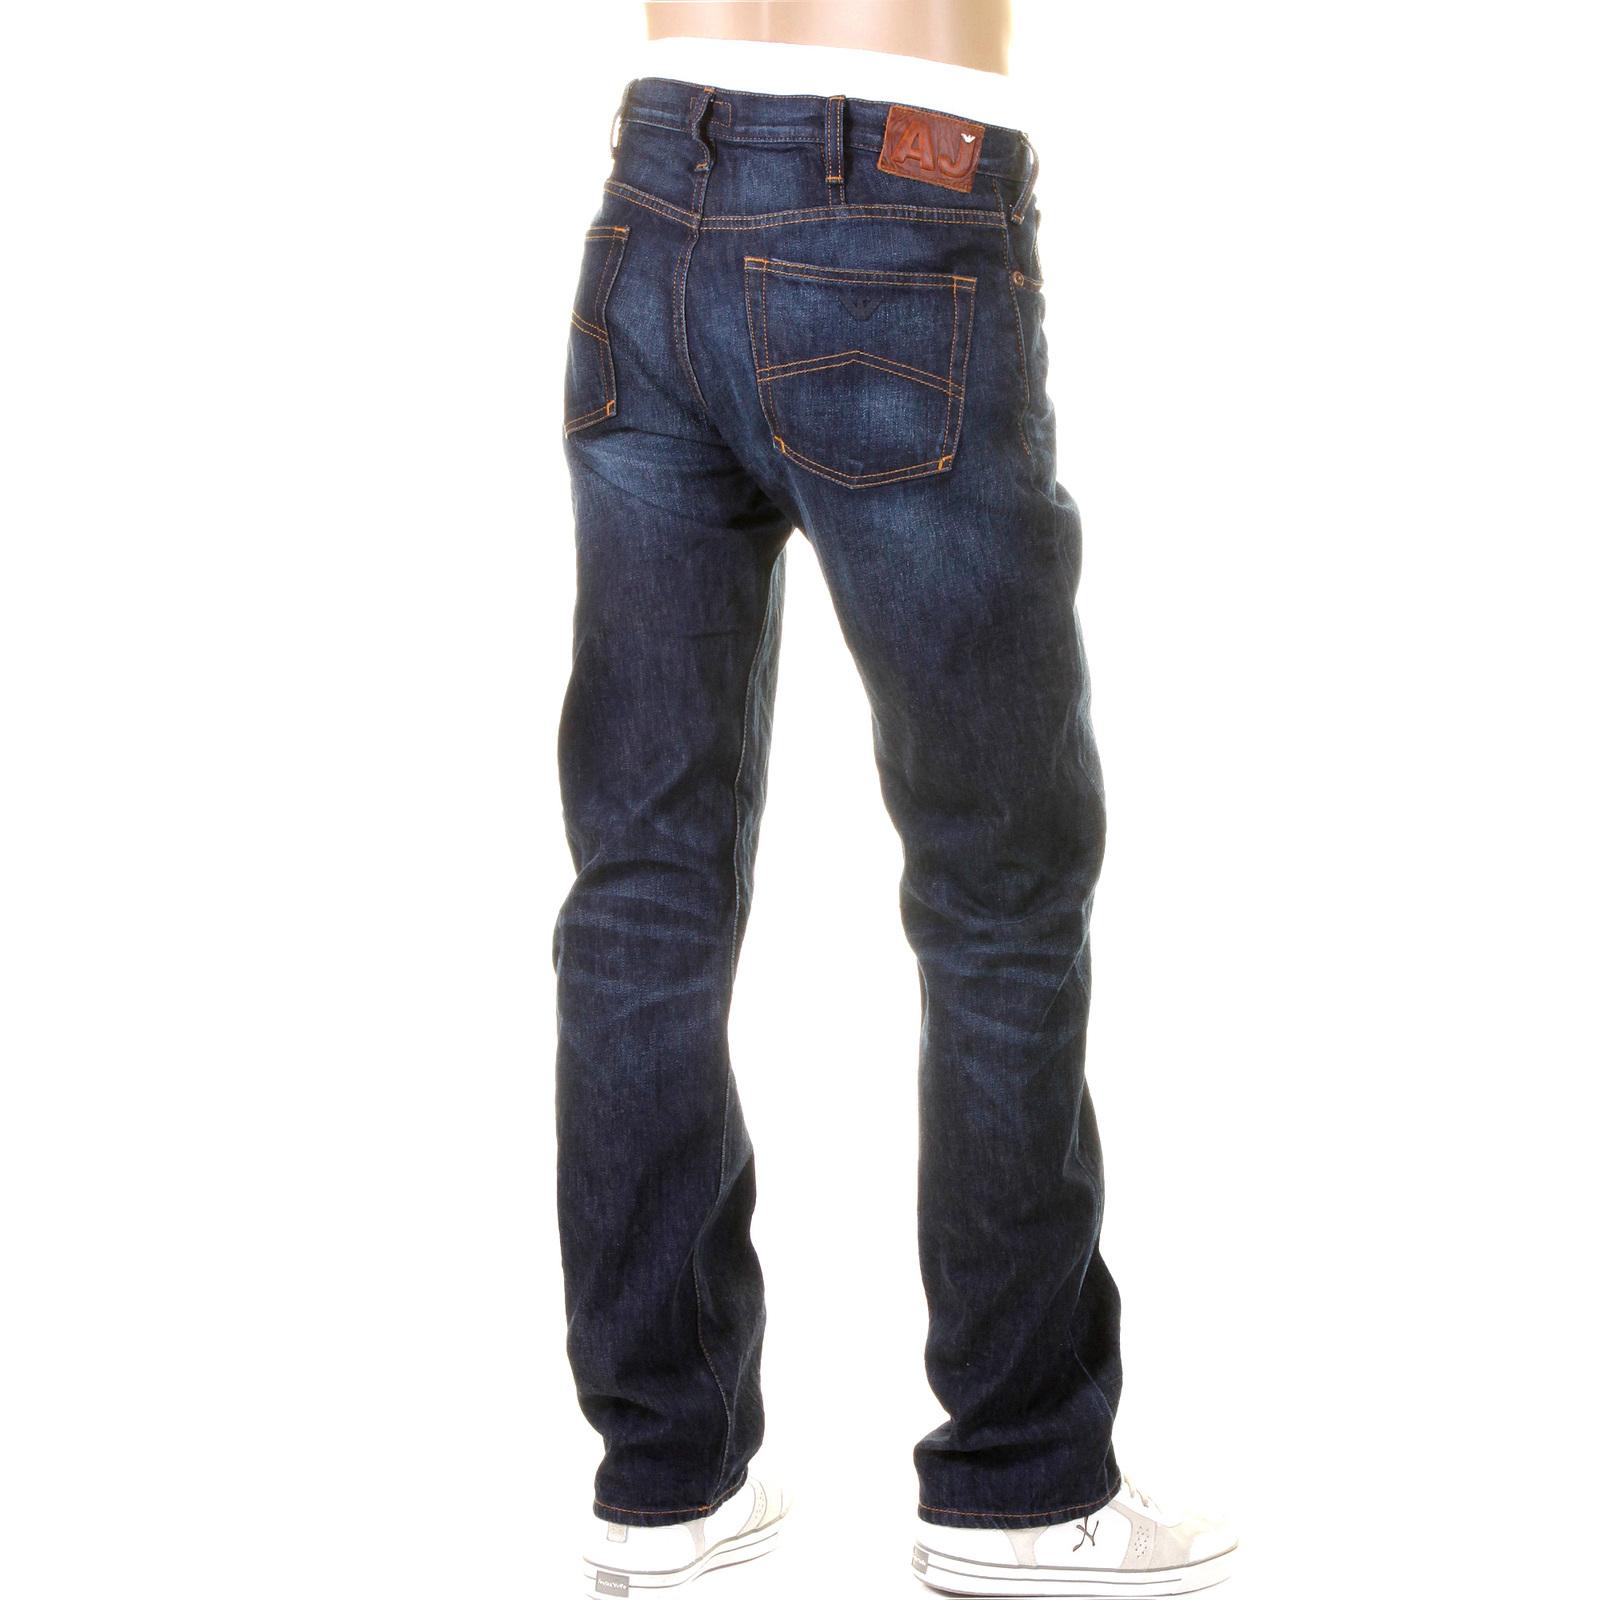 f2c255c4d839 Armani Jeans J21 regular fit dark wash denim jean P6J21 6D AJM1484 at  Togged Clothing